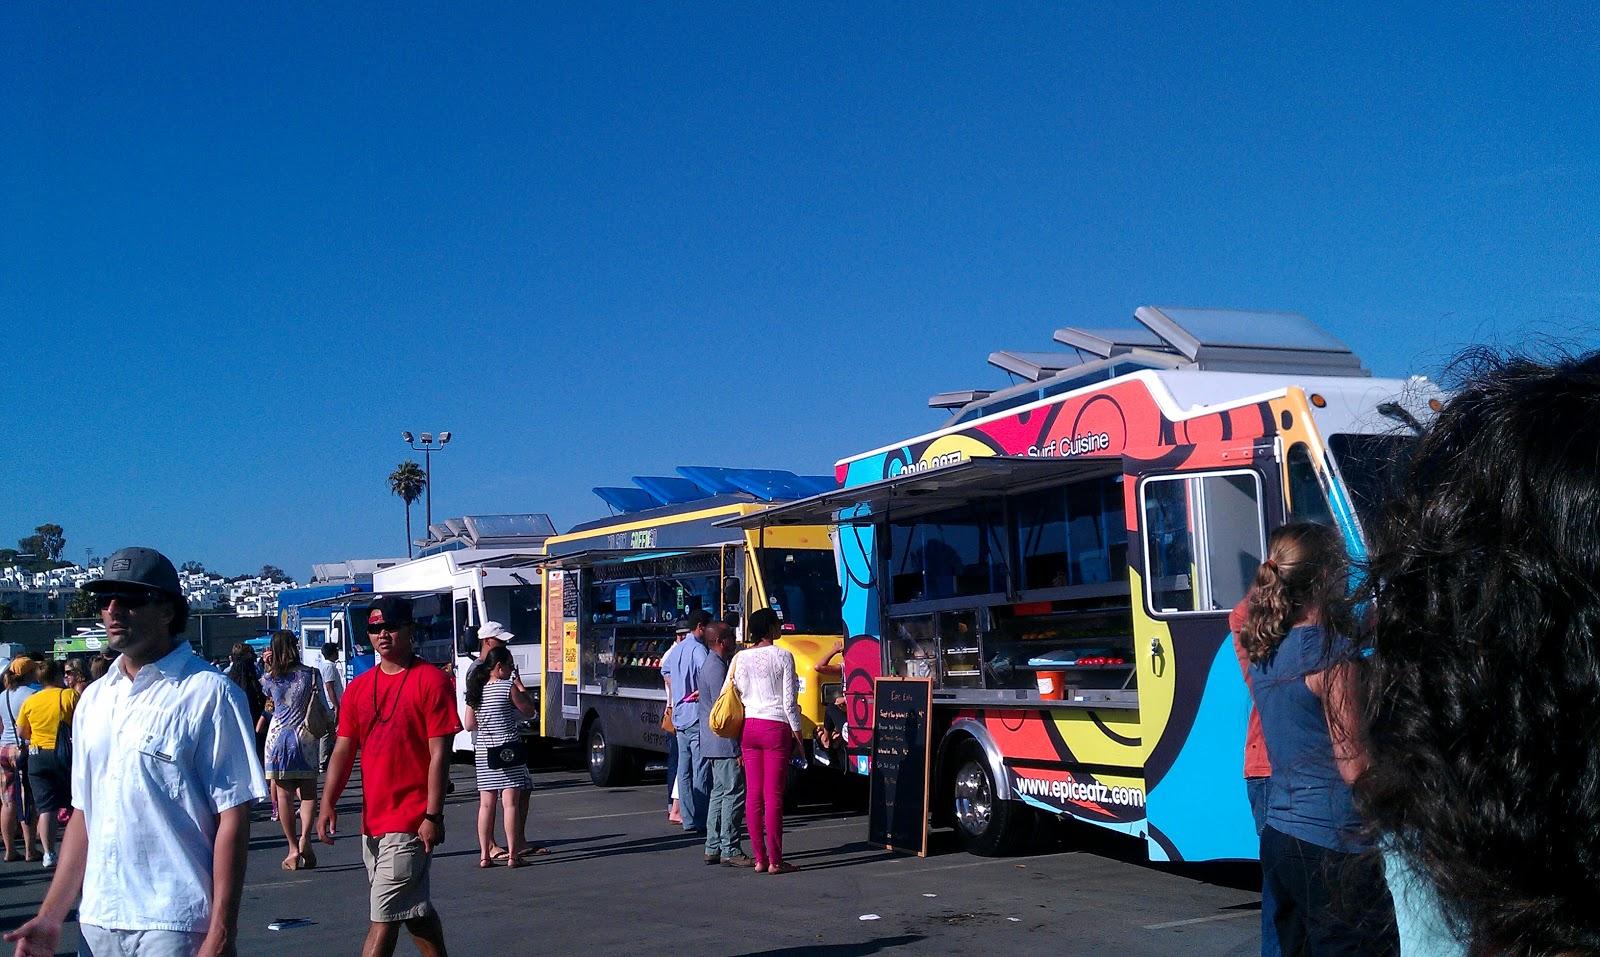 Del Mar, CA: Del Mar Passes New Food Truck Moratorium, Continues Analyzing Impacts